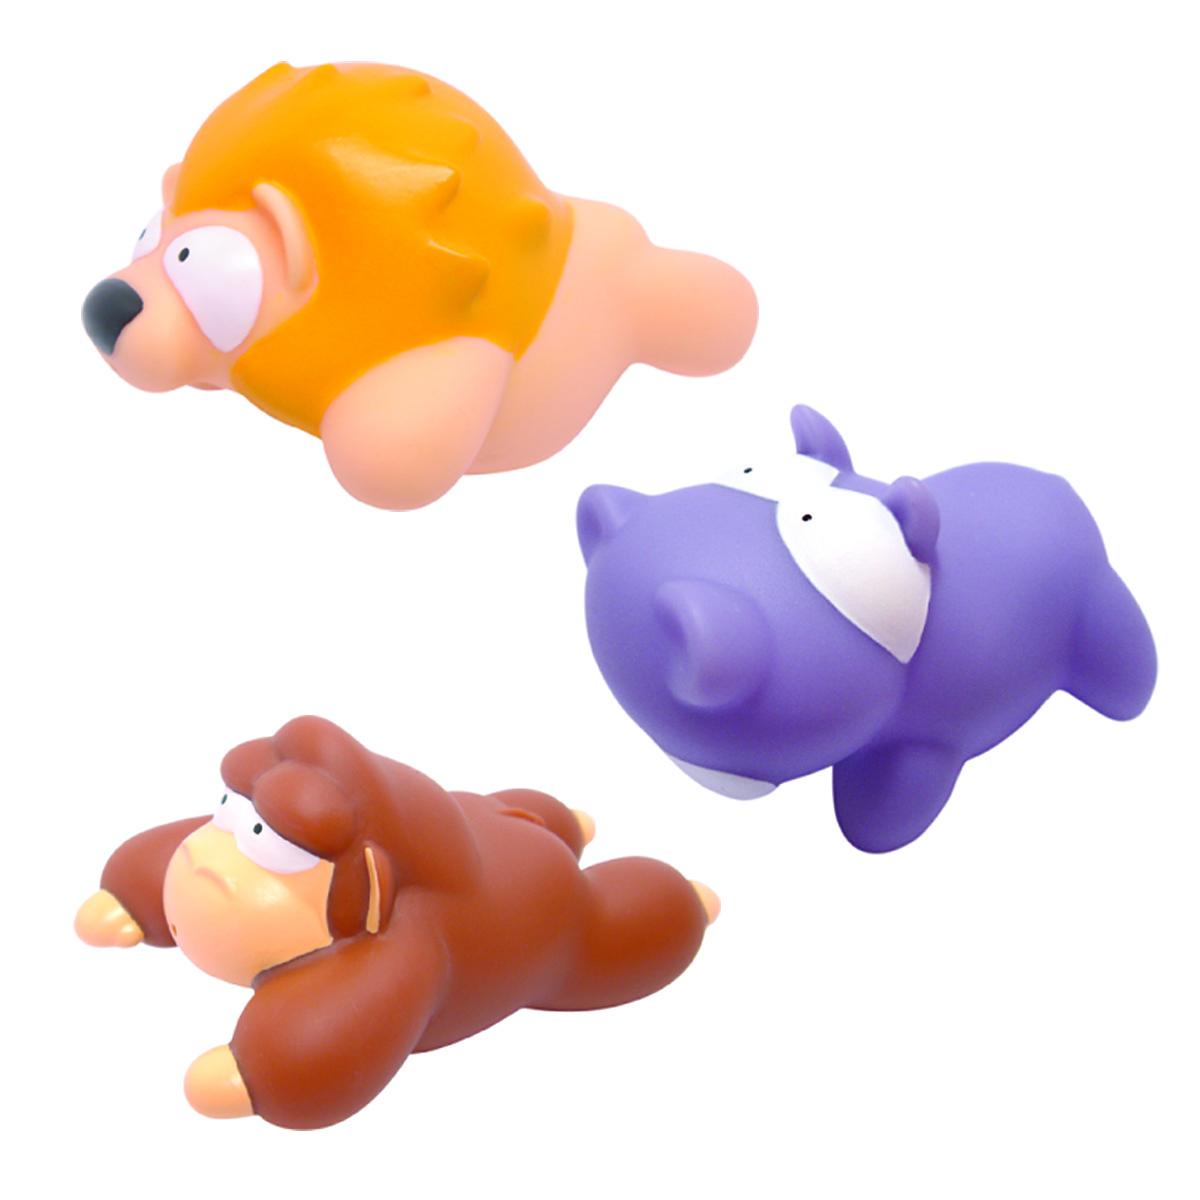 Mara Baby Набор игрушек для ванной Джунгли 3 шт lubby набор игрушек для ванной морской мир 4 шт